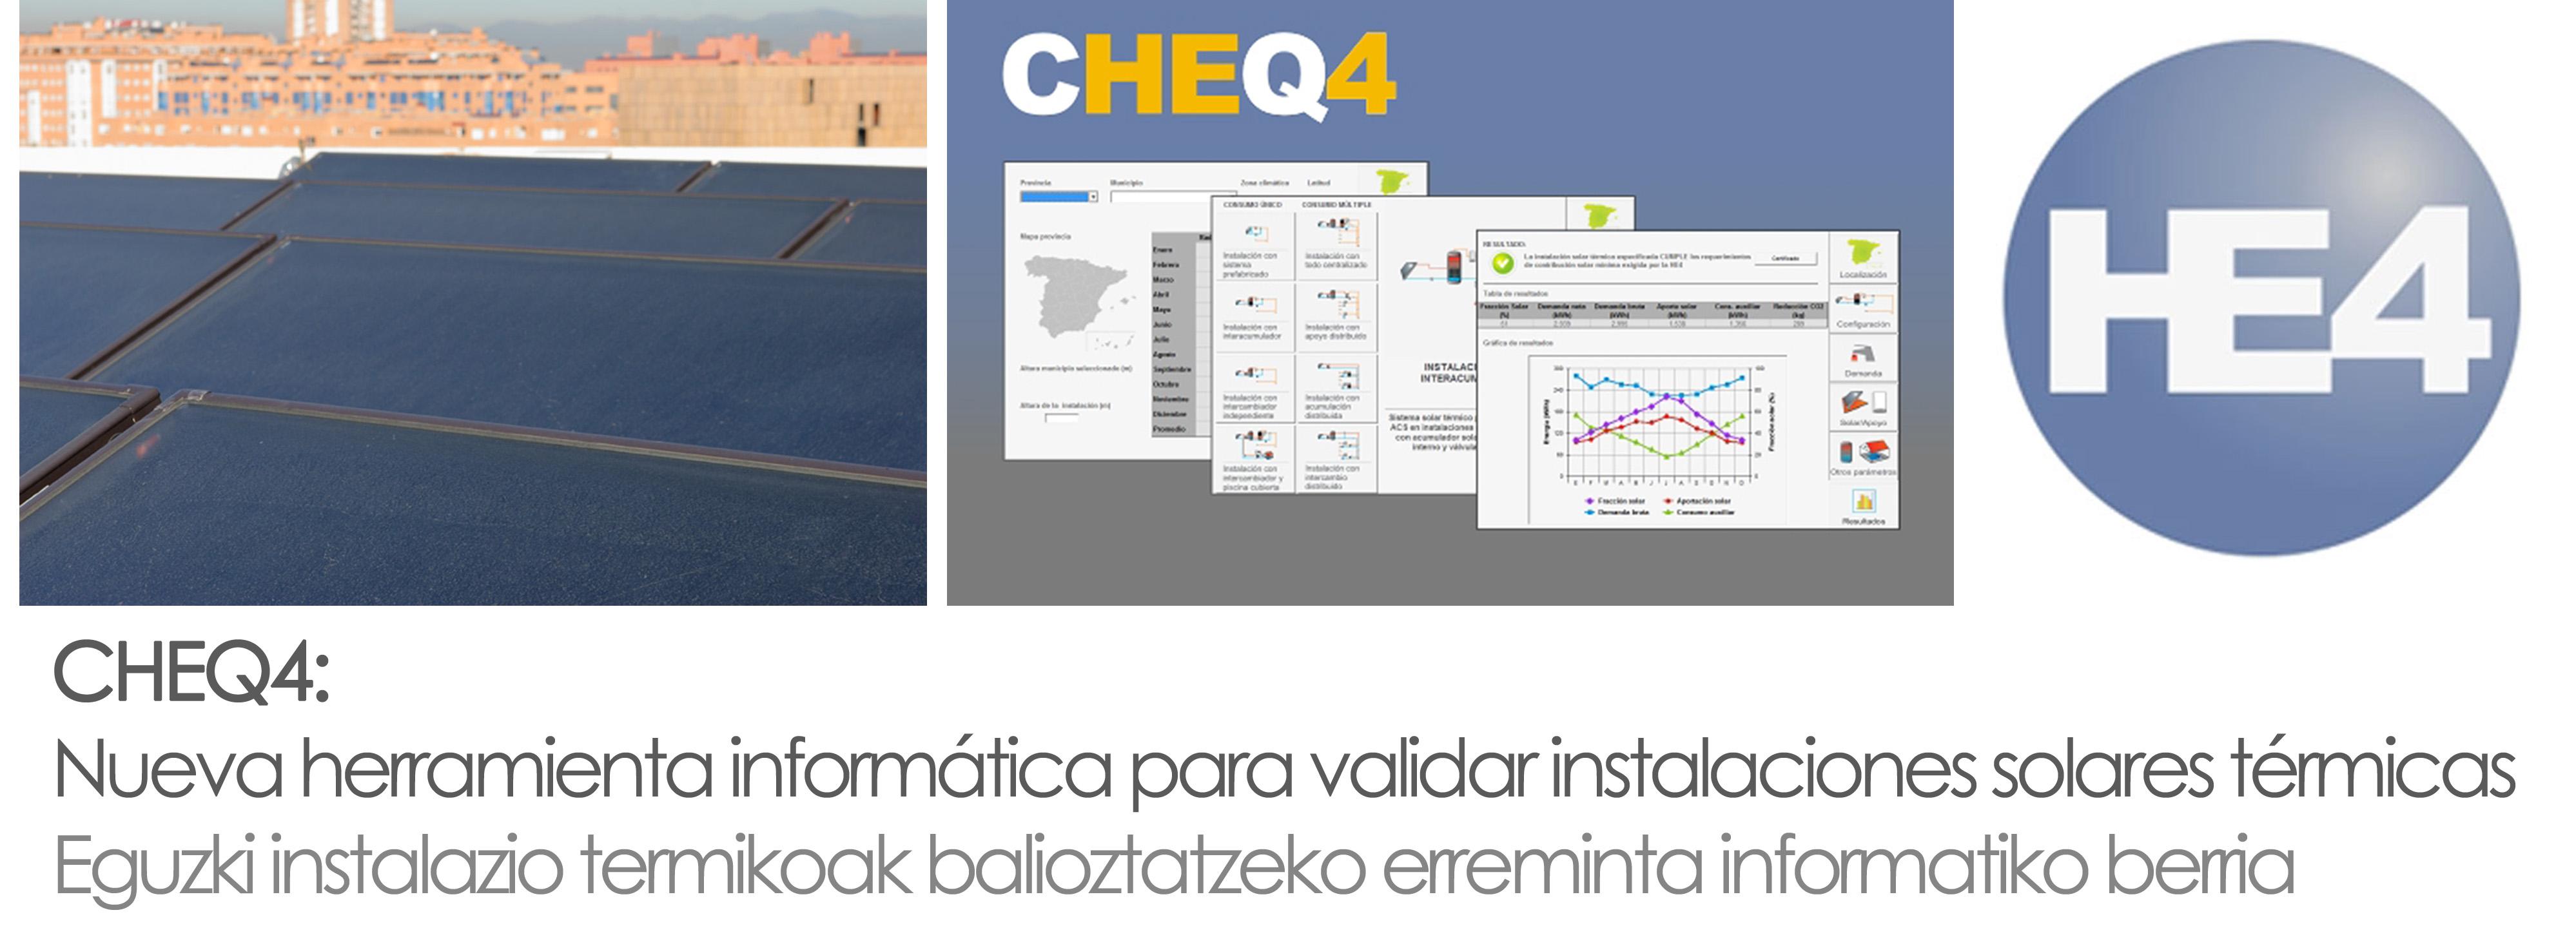 CHEQ4